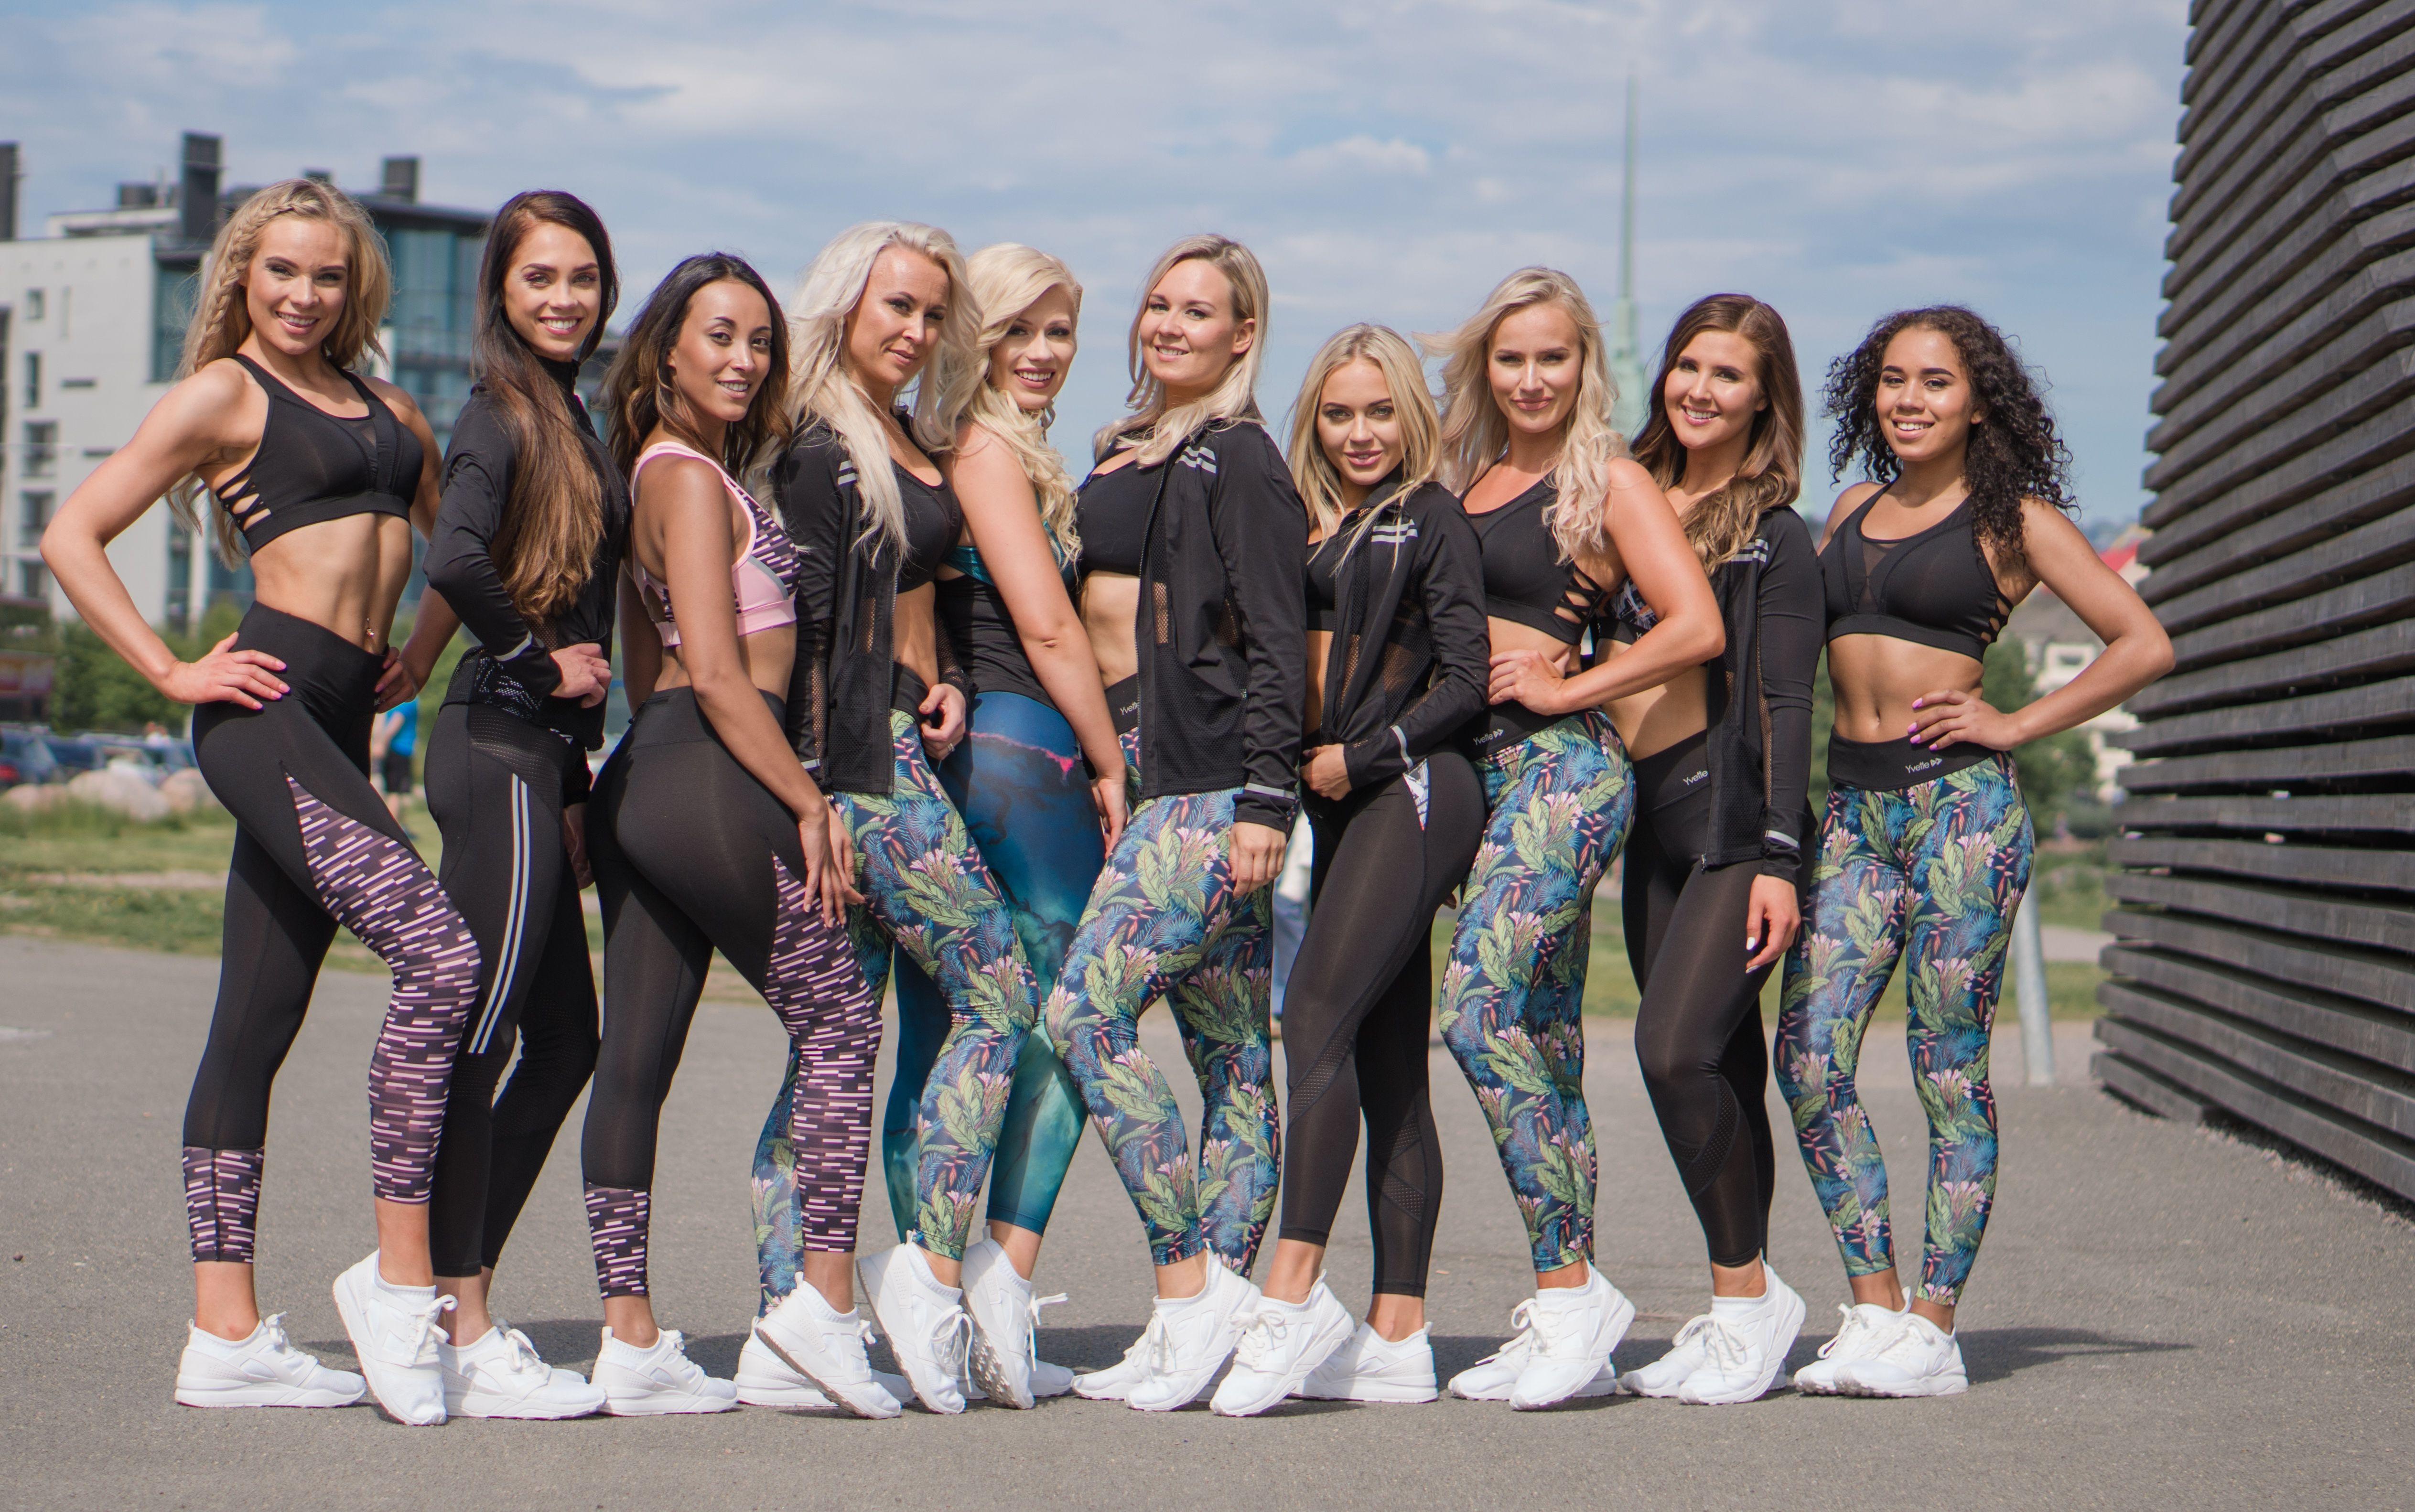 Naisten vaatteet urheiluun, treeniin ja vapaa aikaan